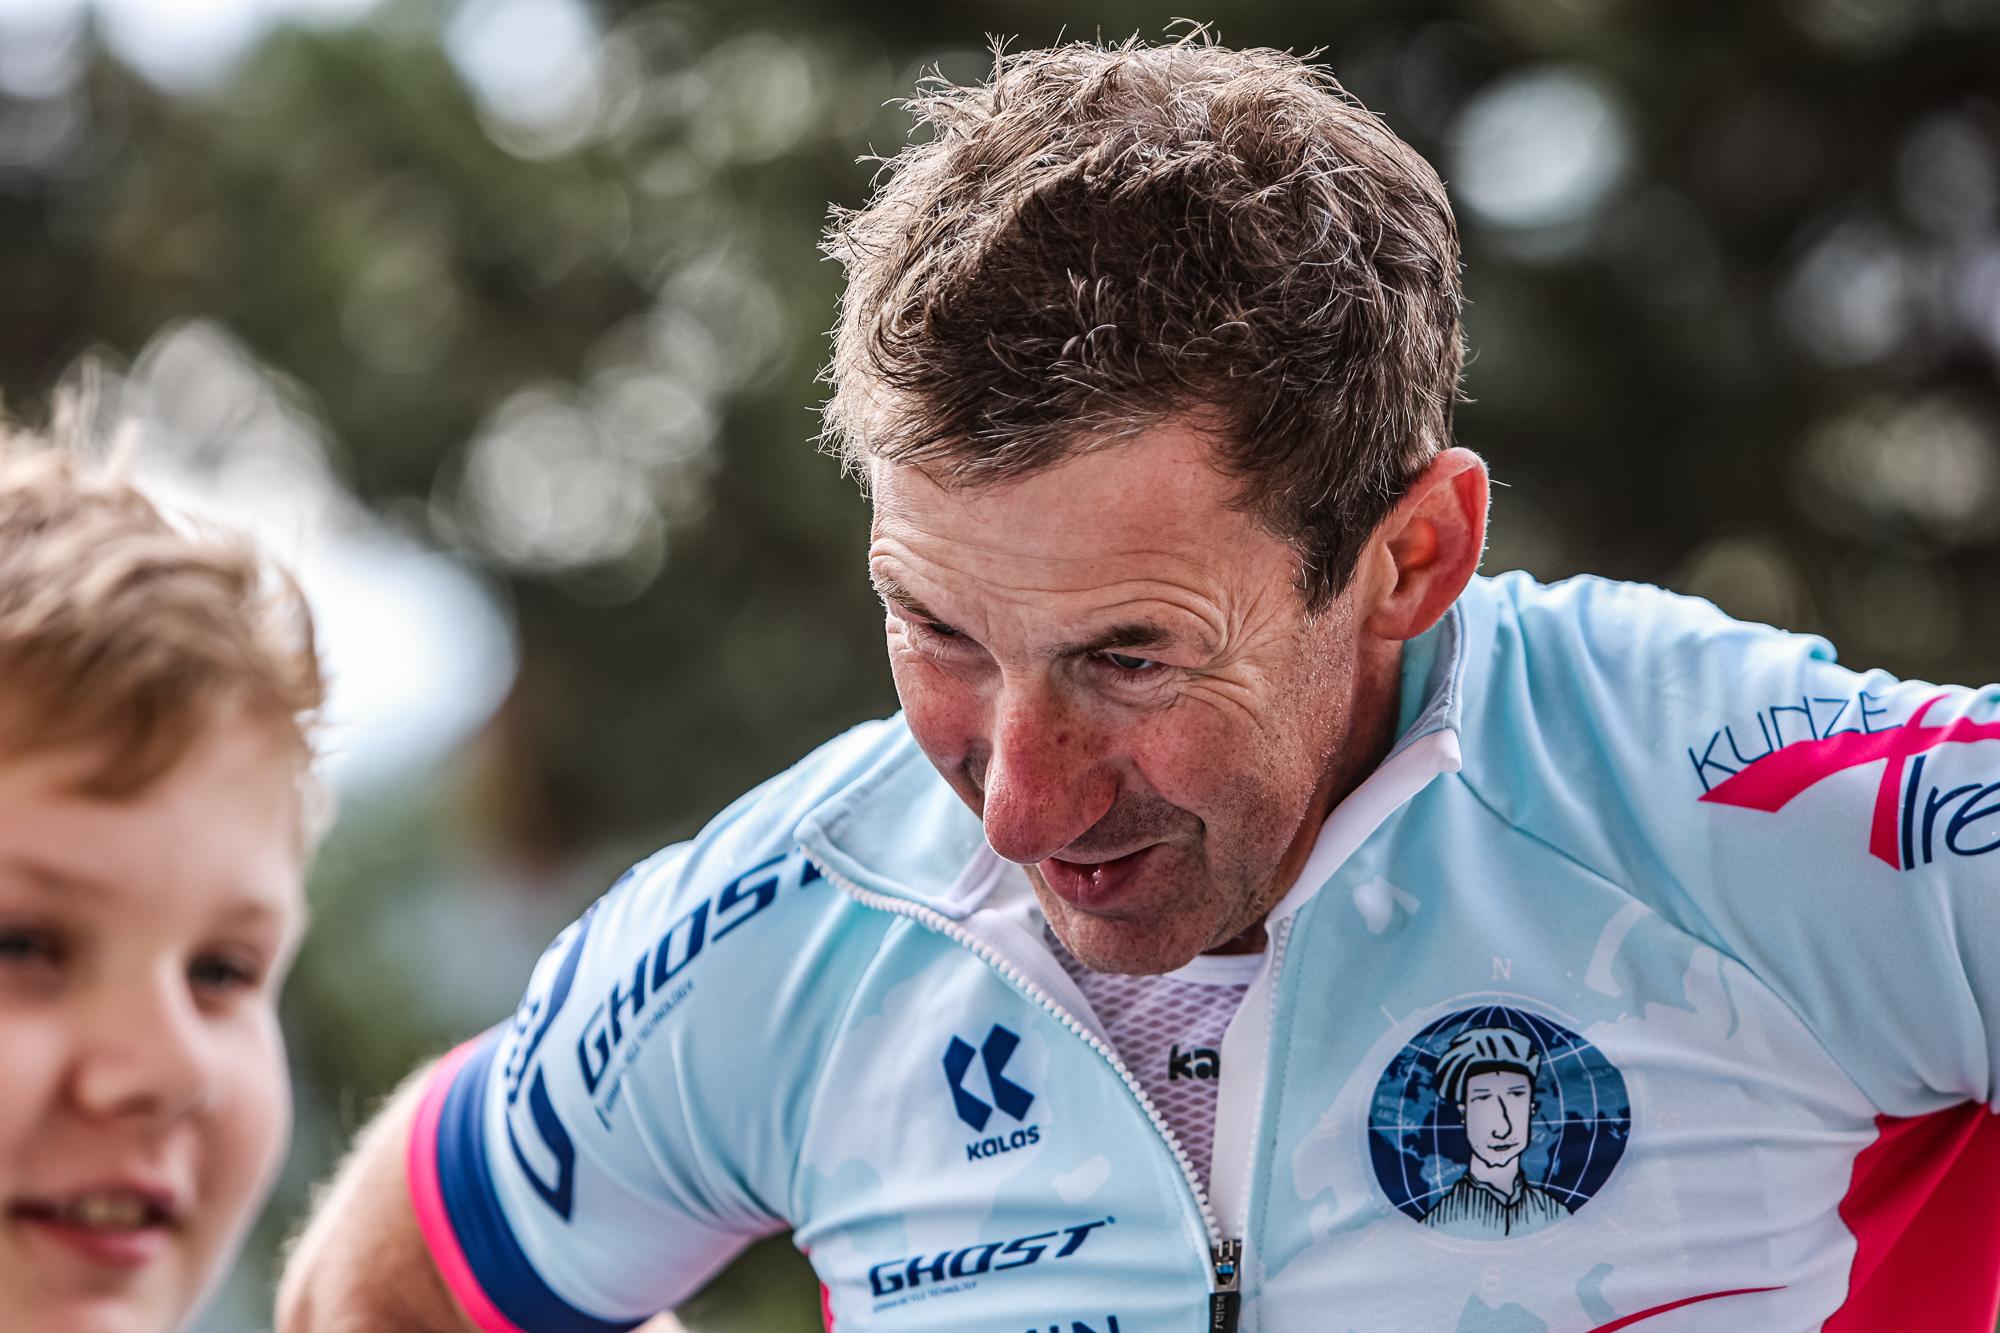 Extremsportler Guido Kunze schaut erleichtert nach seinem 24-Stunden-Weltrekord